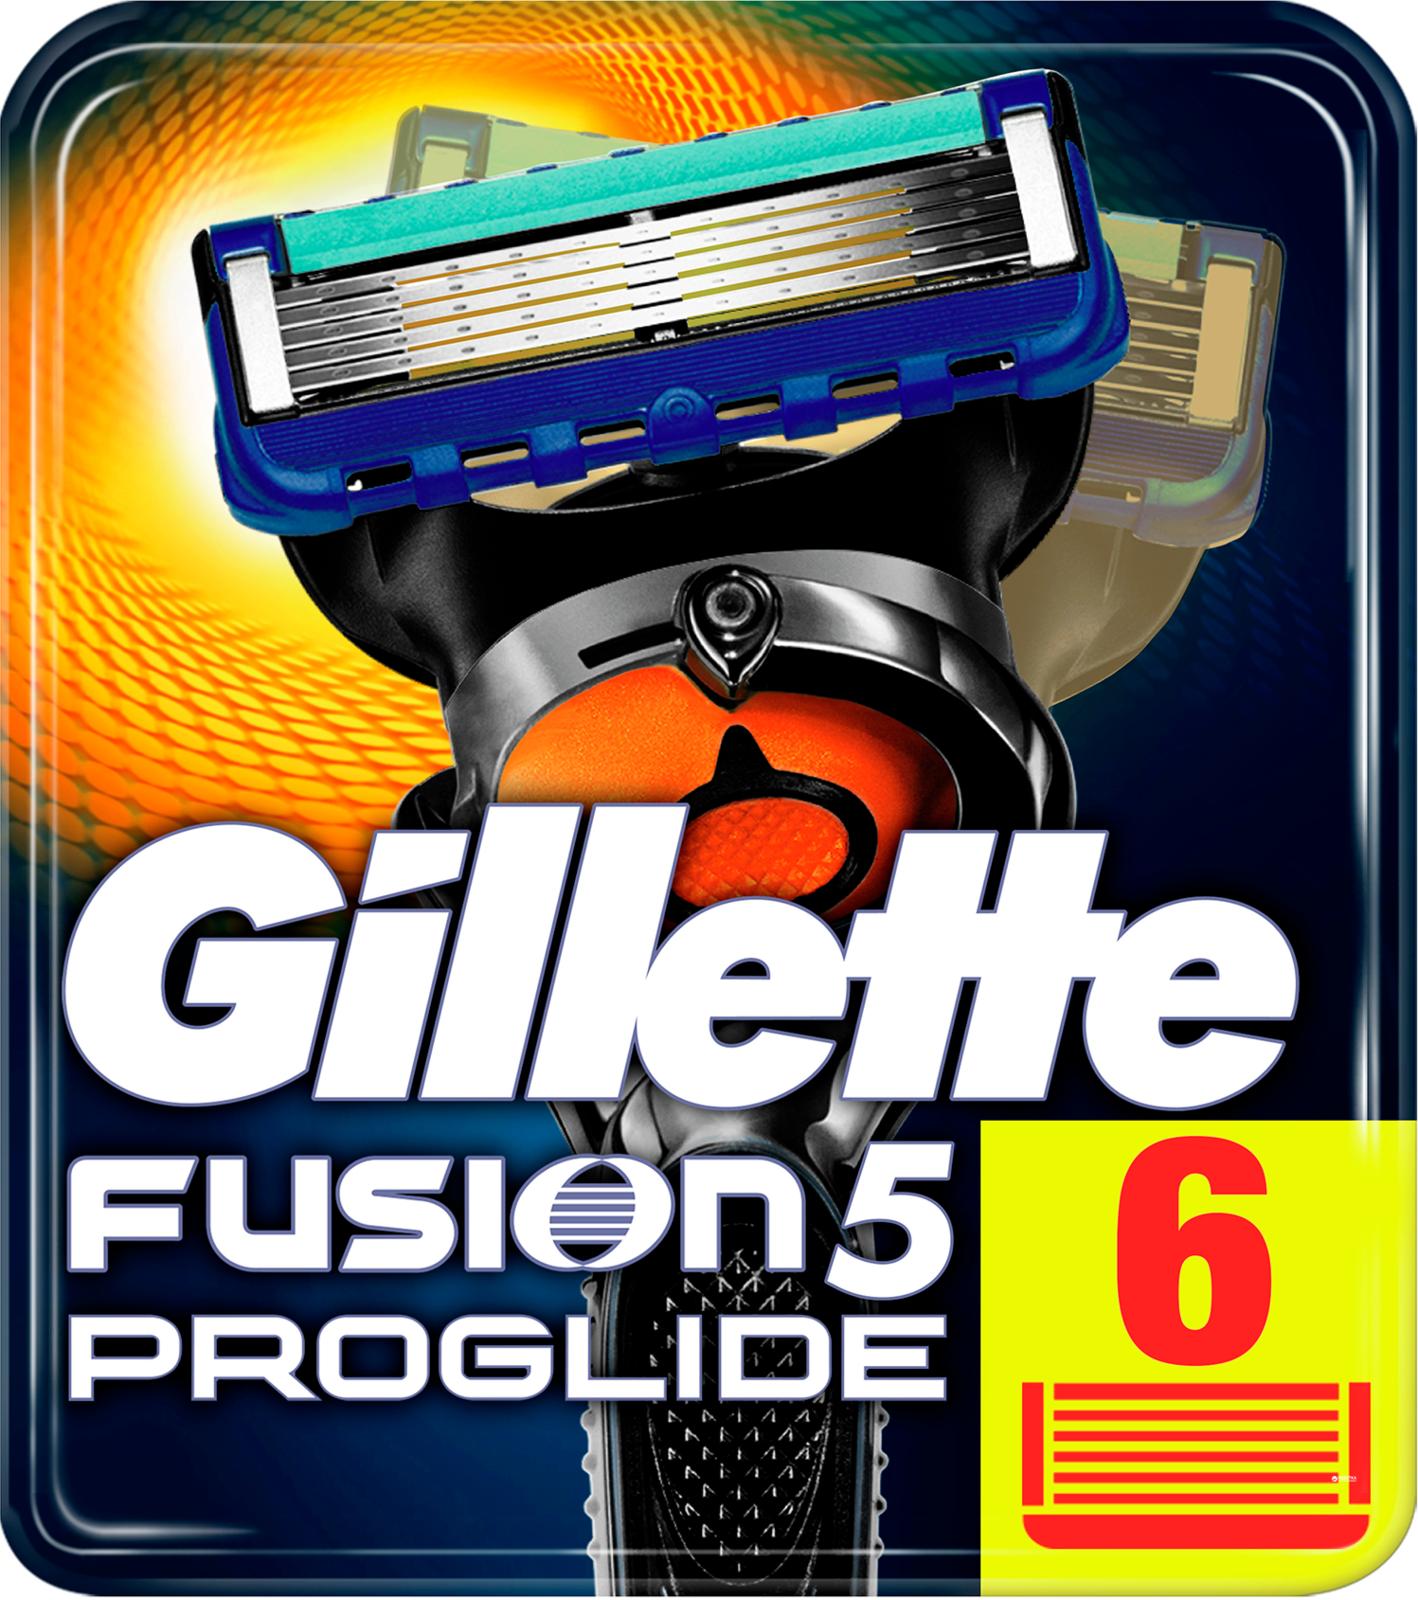 Сменные кассеты Gillette Fusion5 ProGlide, 6 шт